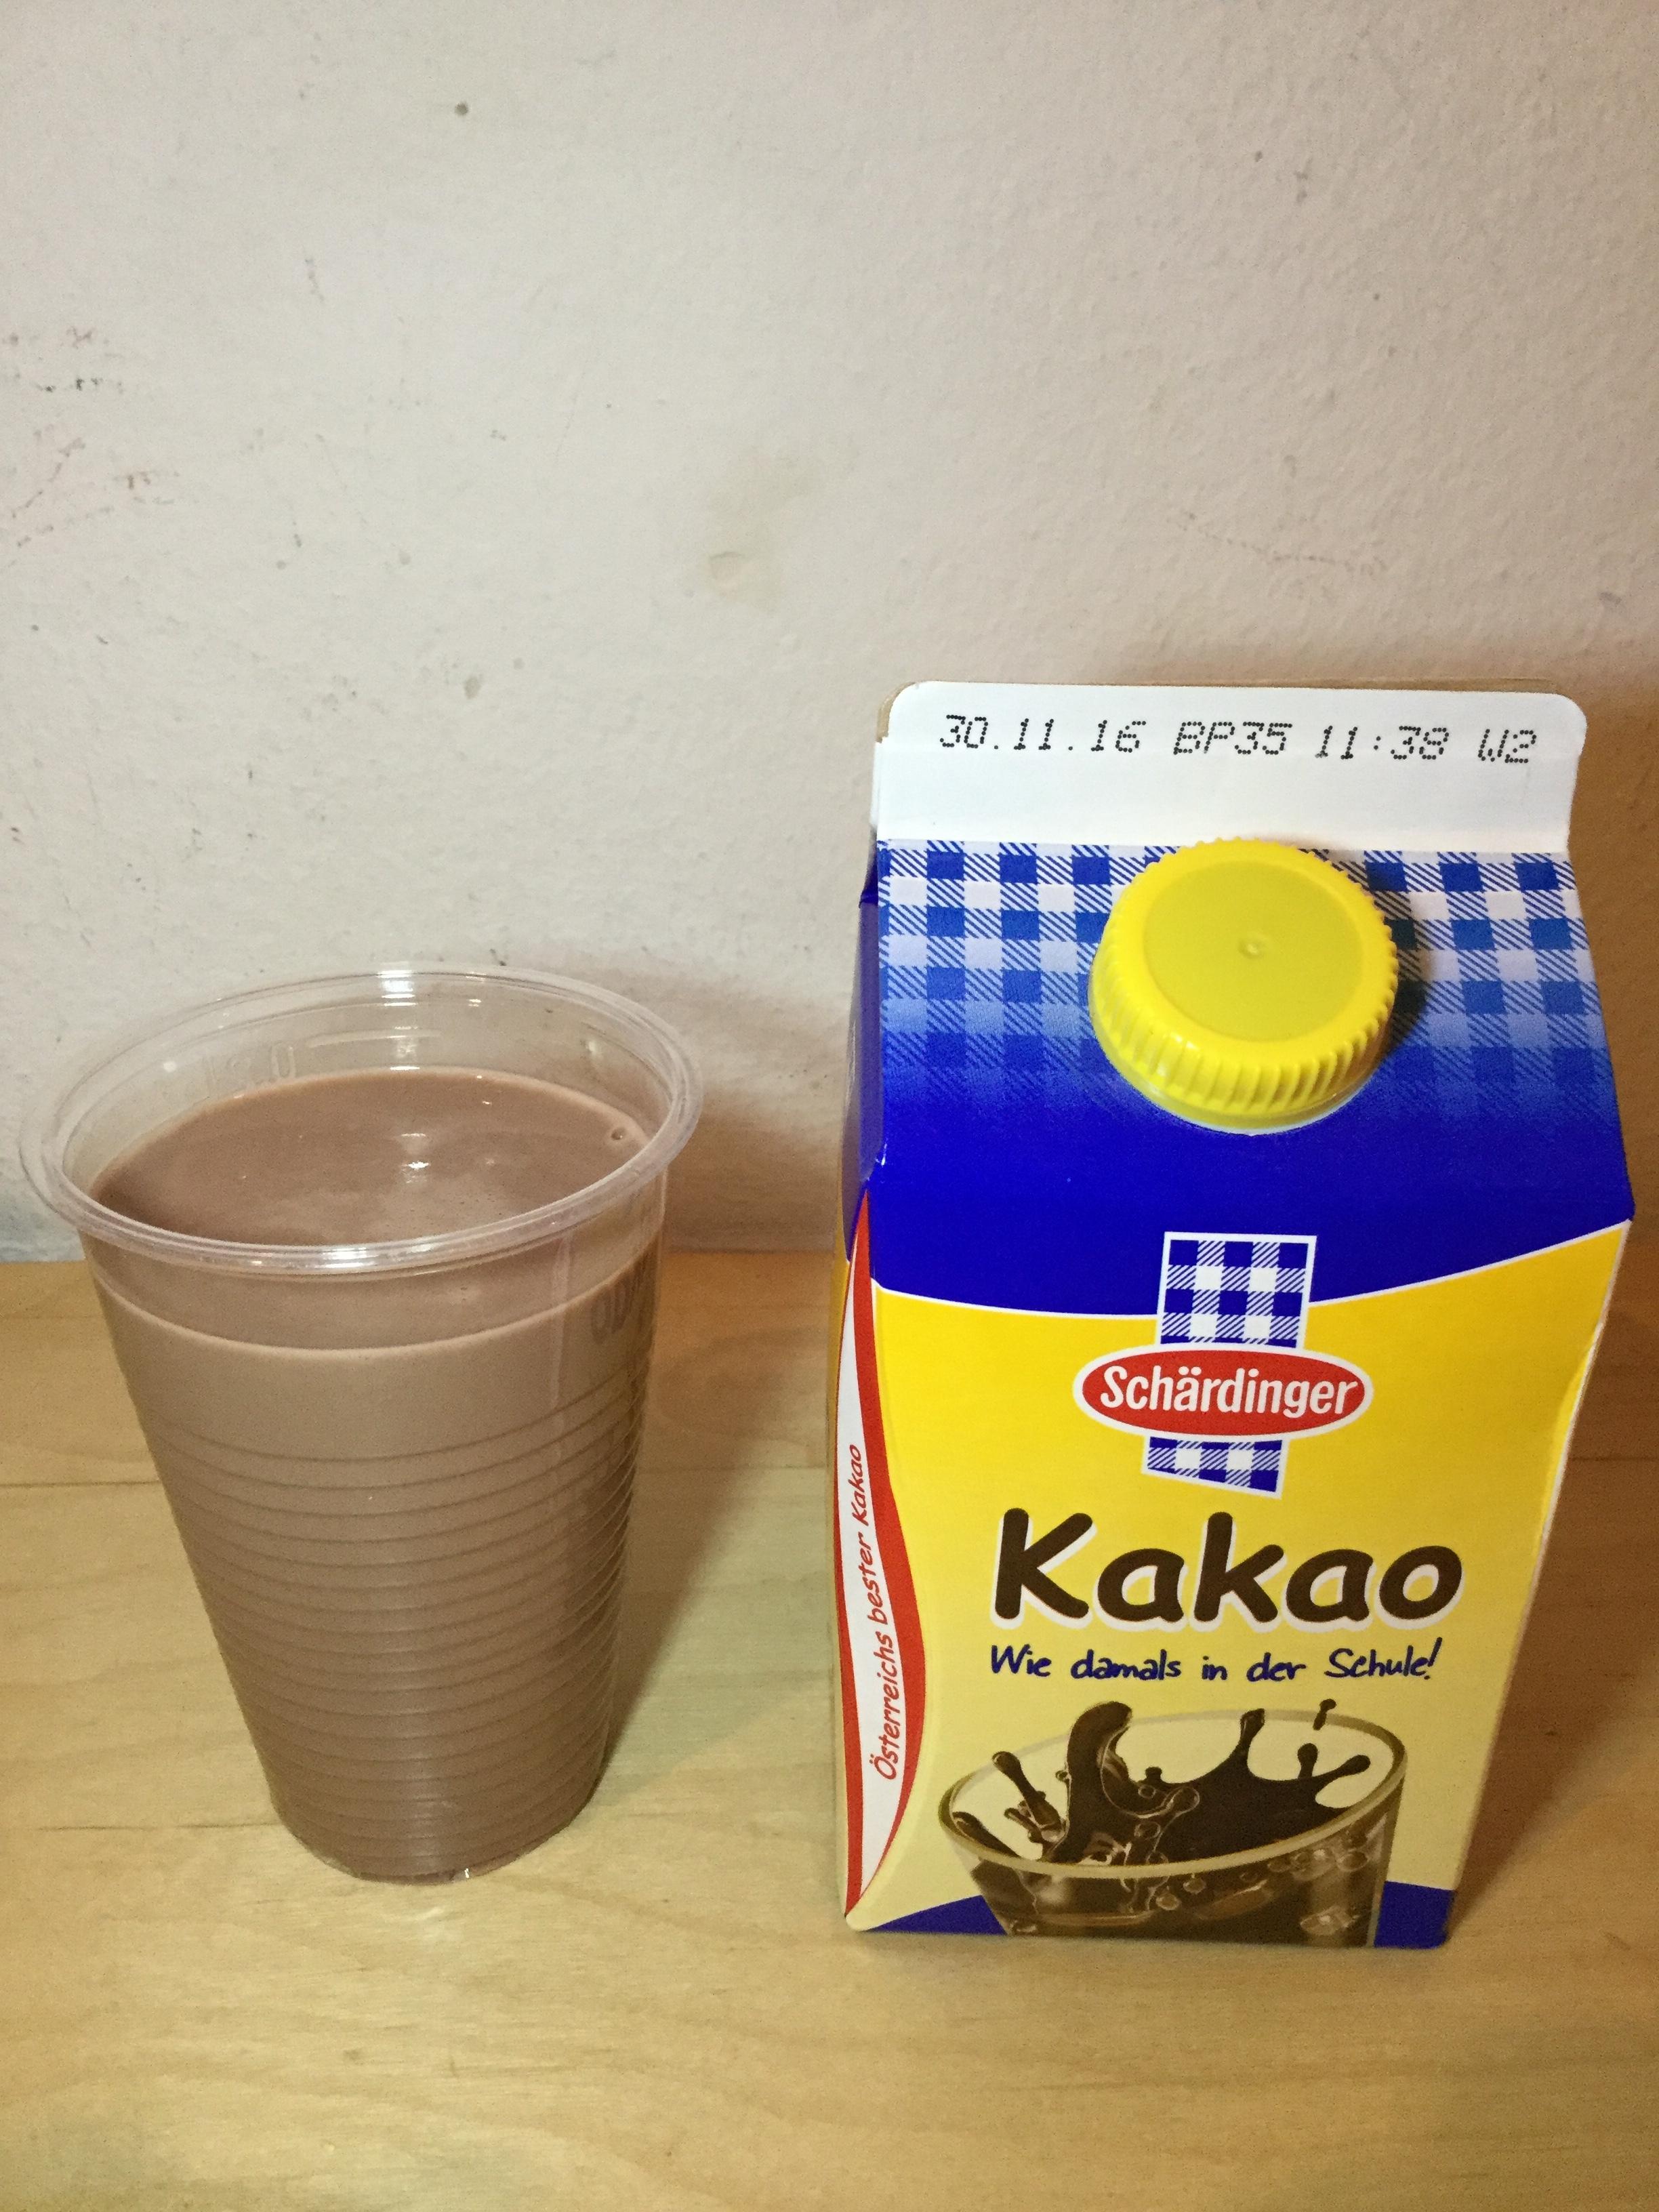 Schärdinger Kakao Cup